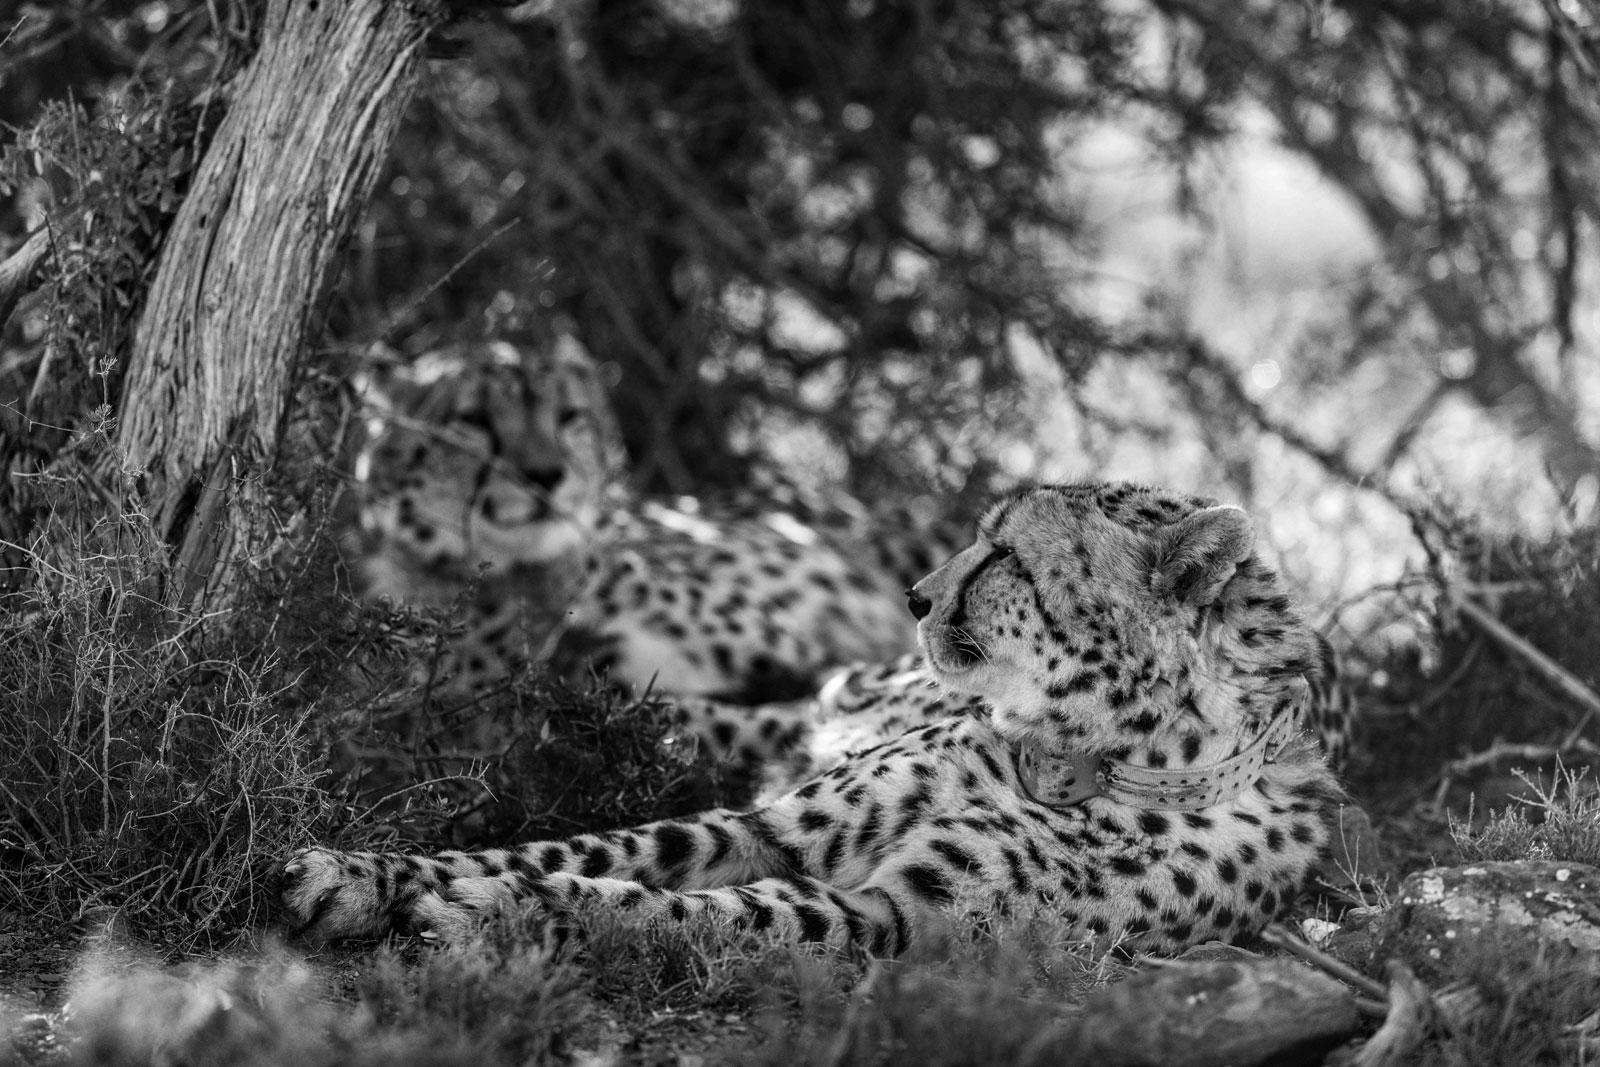 Cheetah Relaxing at Roam